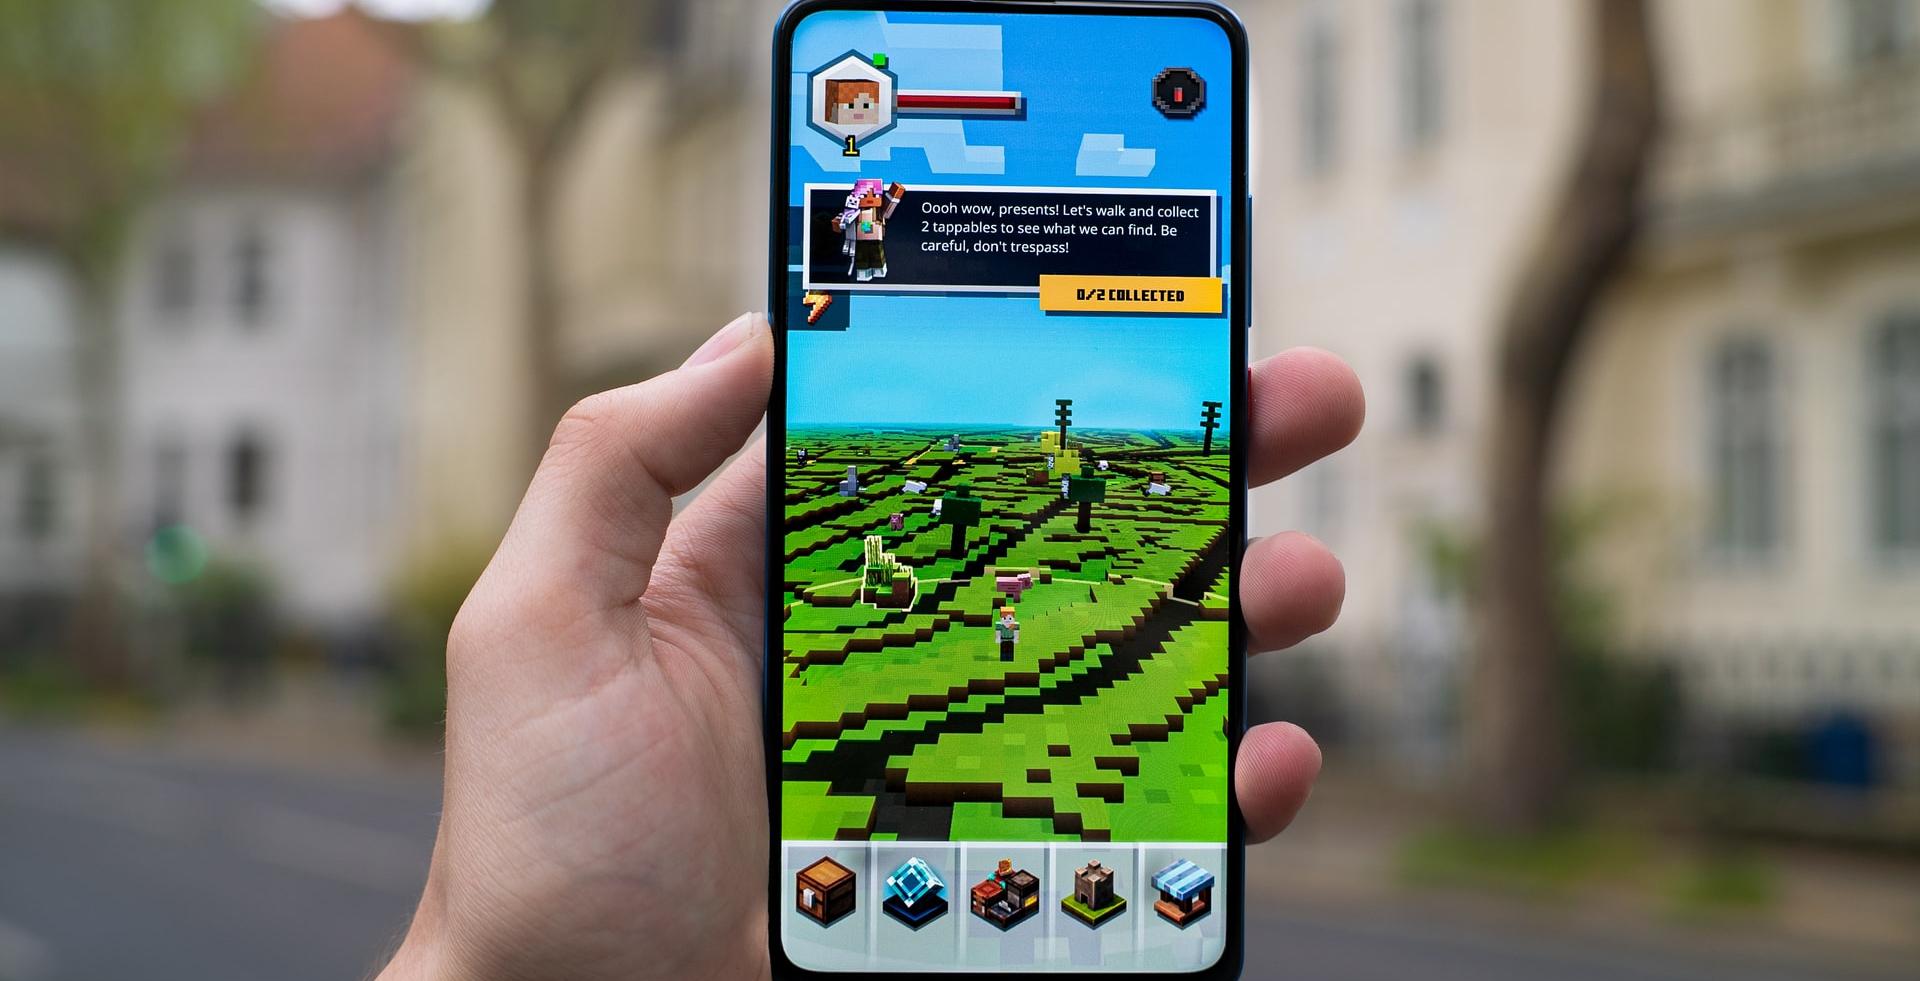 Minecraft launches new world celebrating Anishinaabe culture